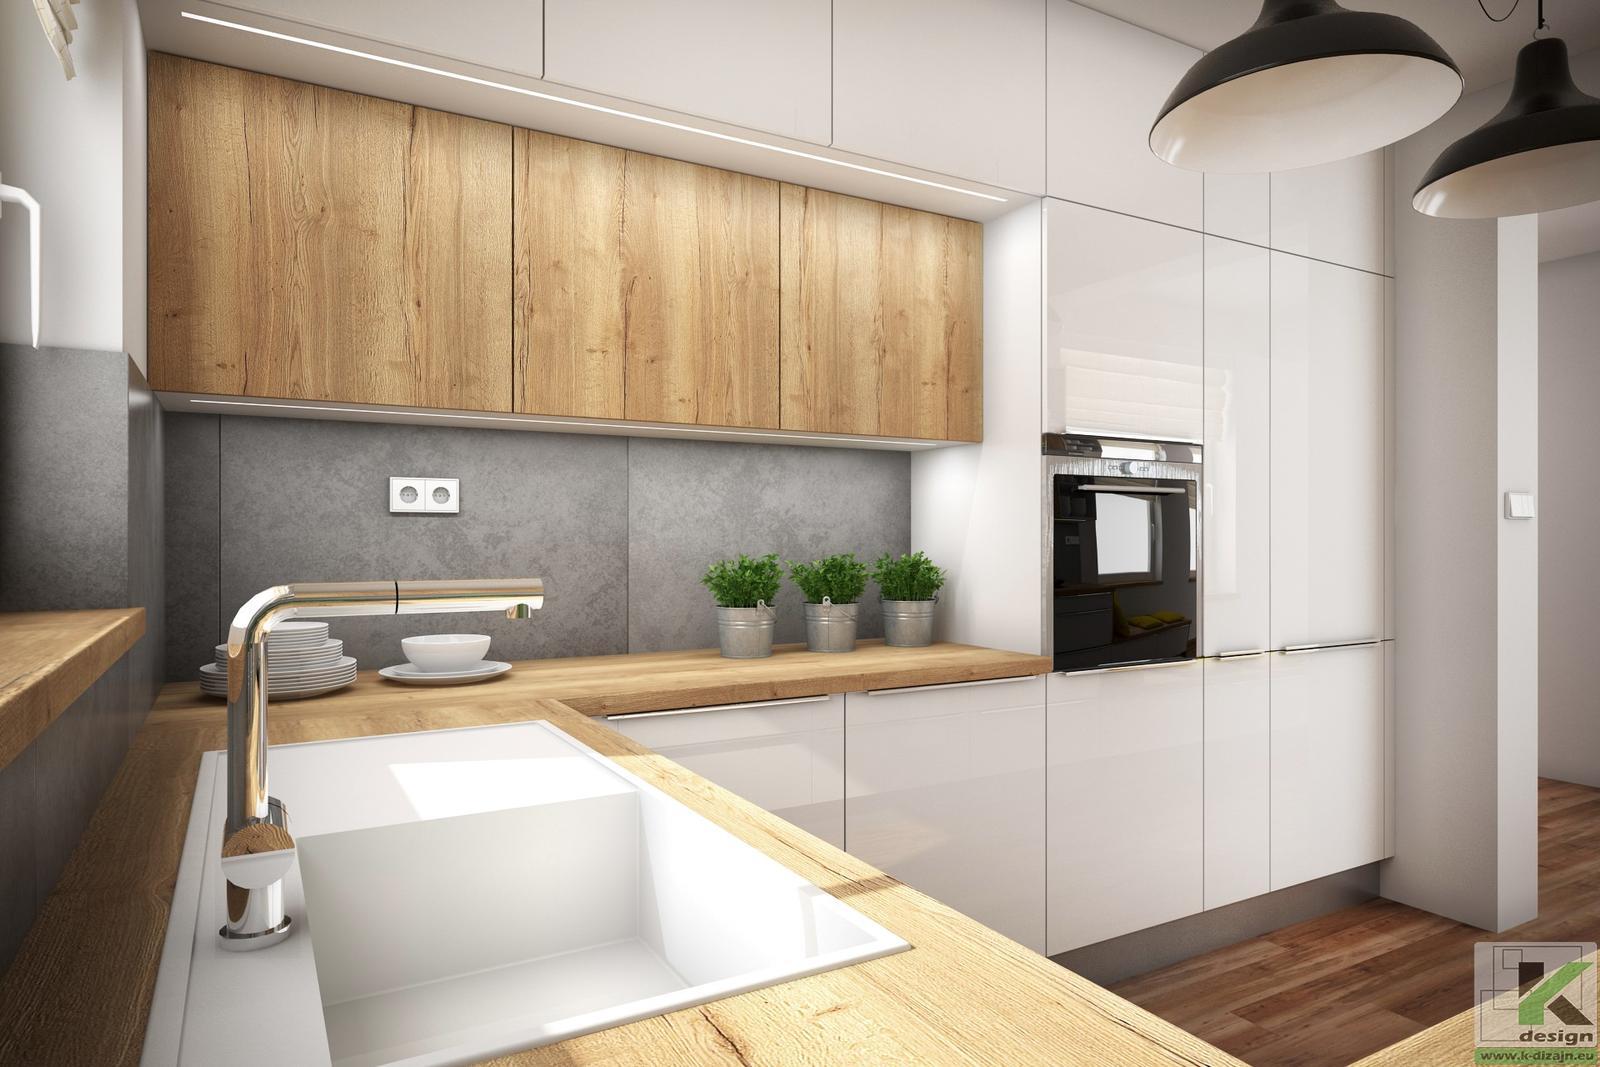 Vizualizácie kuchyne so sedením - Obrázok č. 4